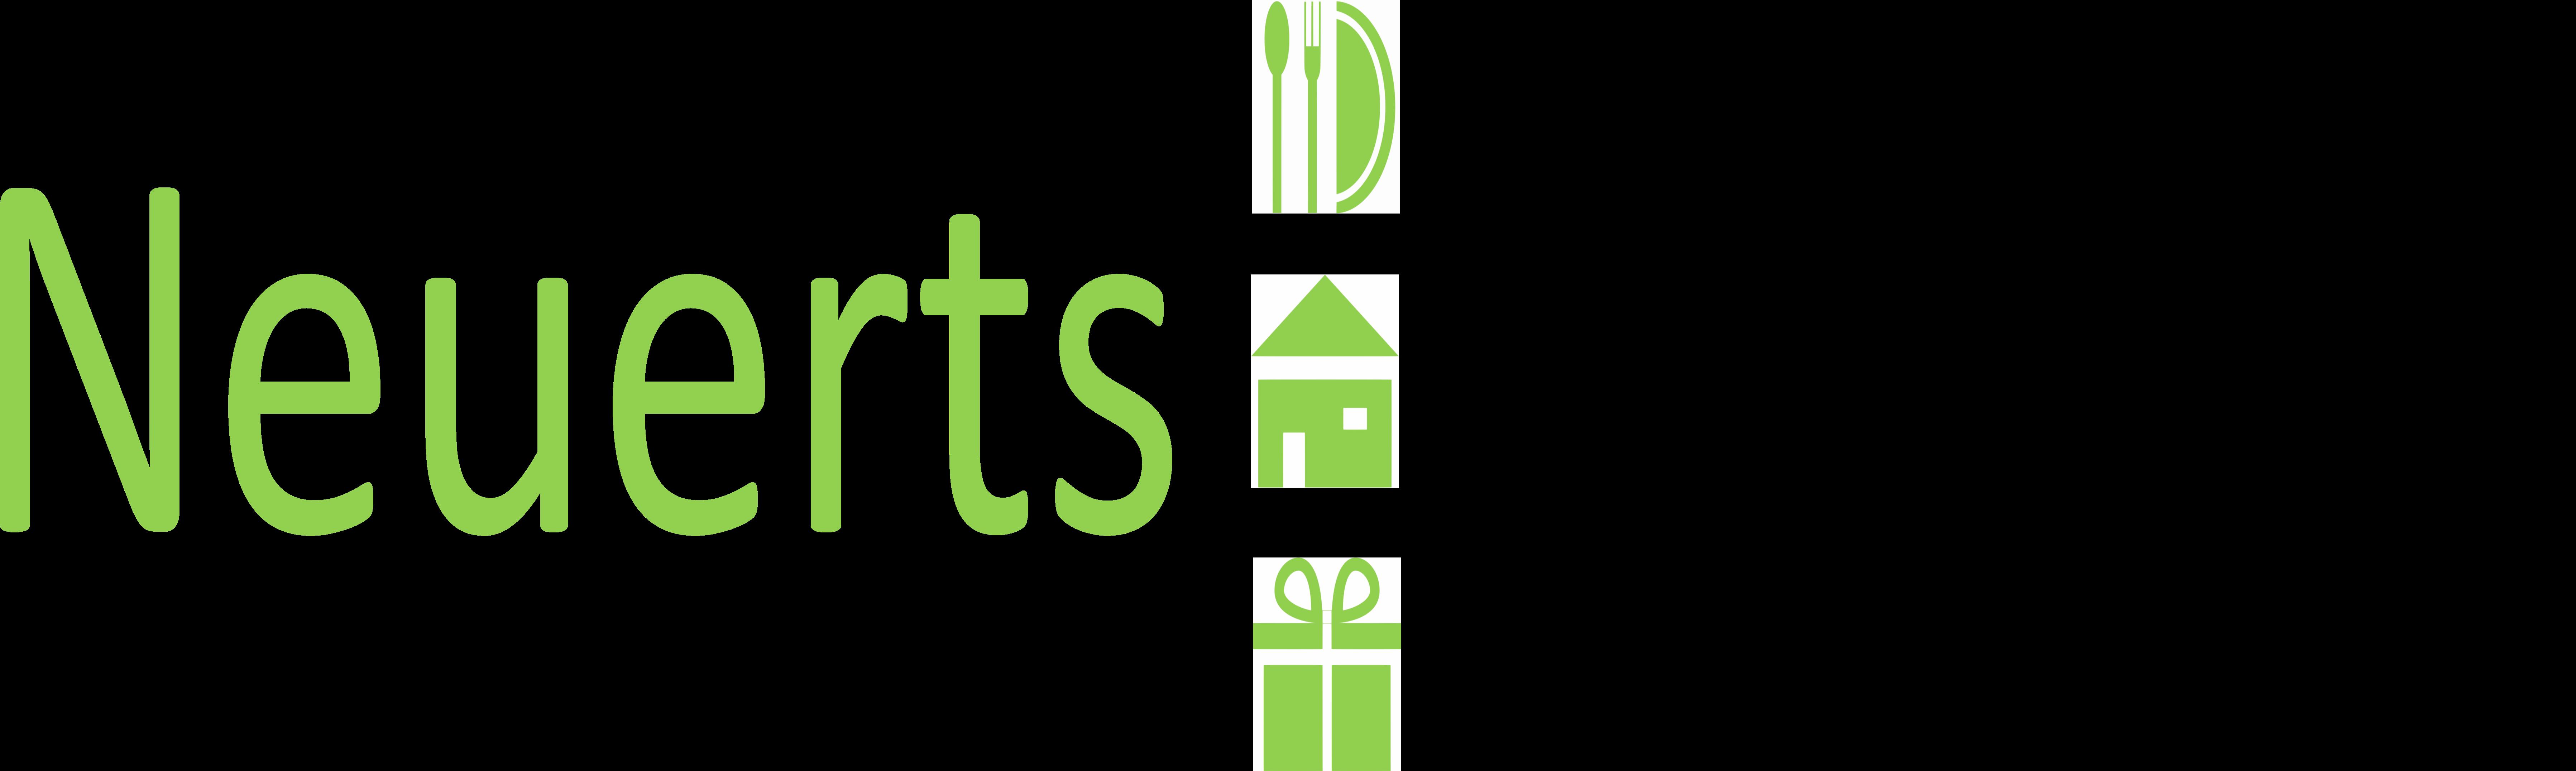 Neuerts - Ihr Spezialist im Bereich Küche, Wohnen und Lifestyle